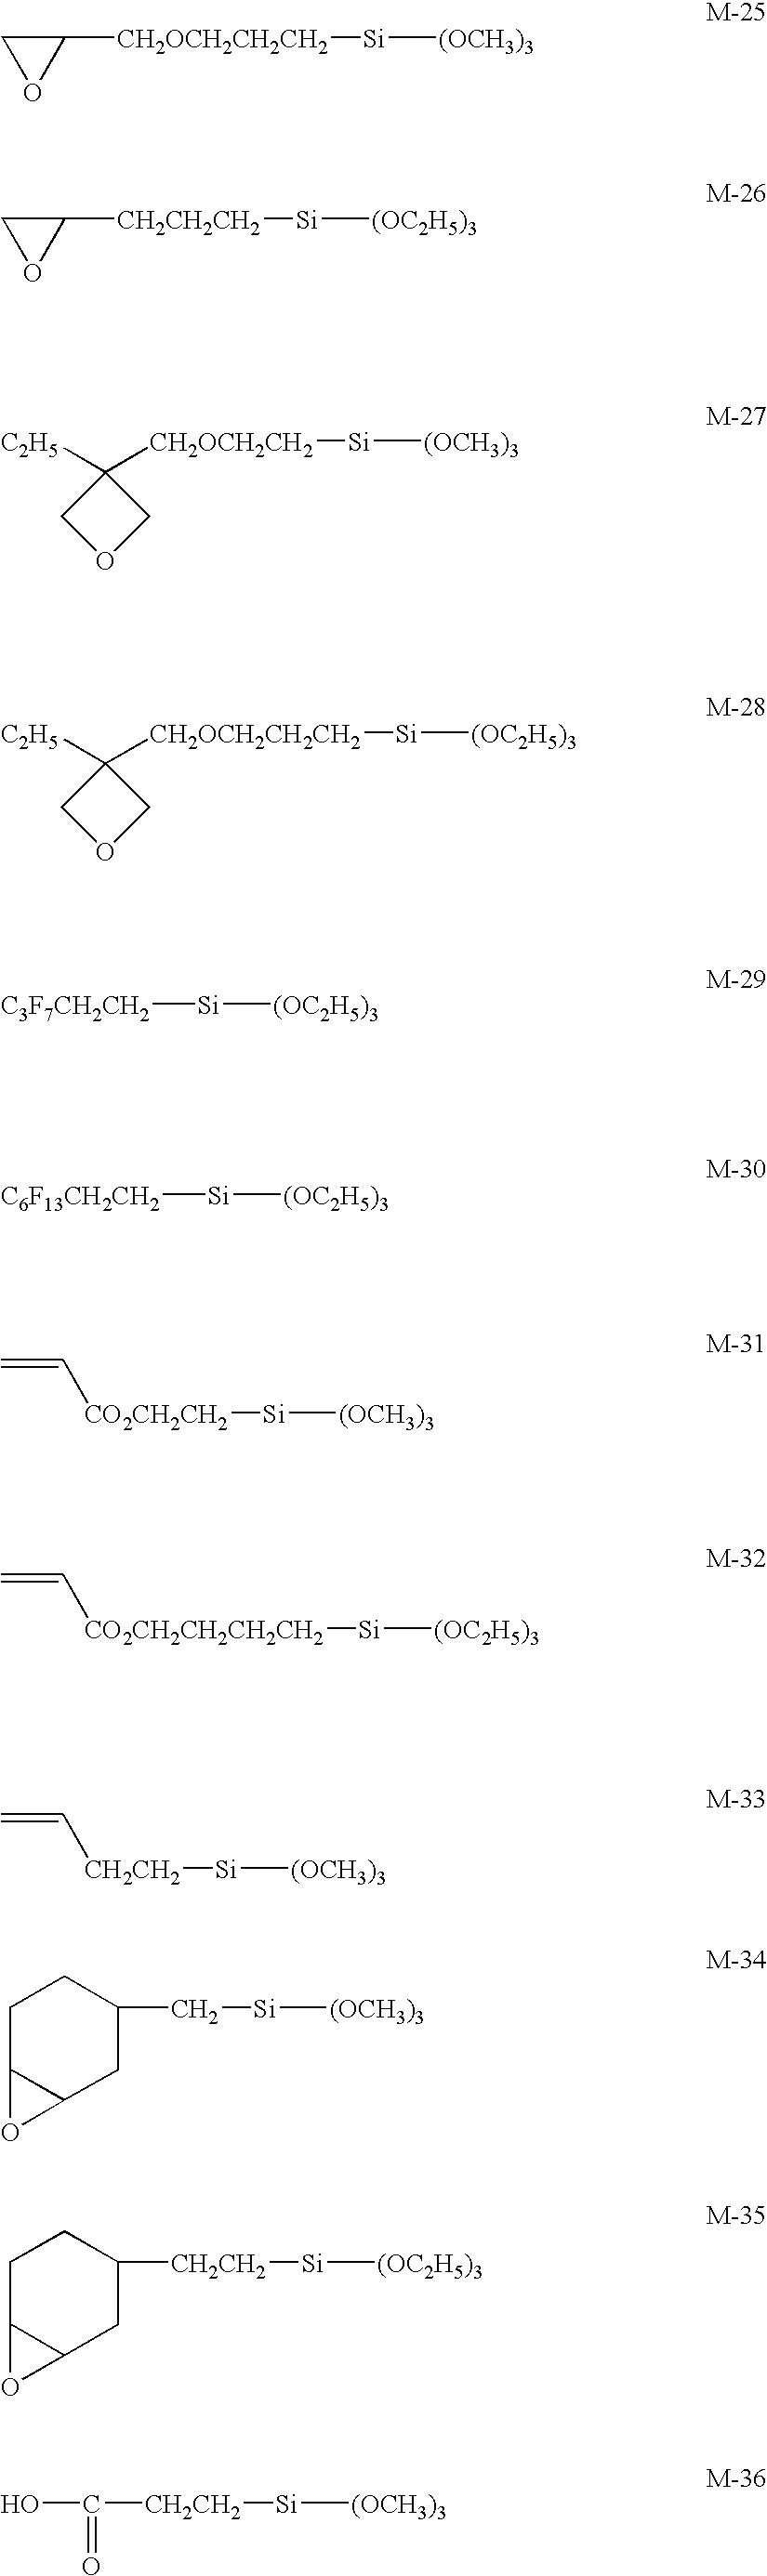 Figure US20090178589A1-20090716-C00006